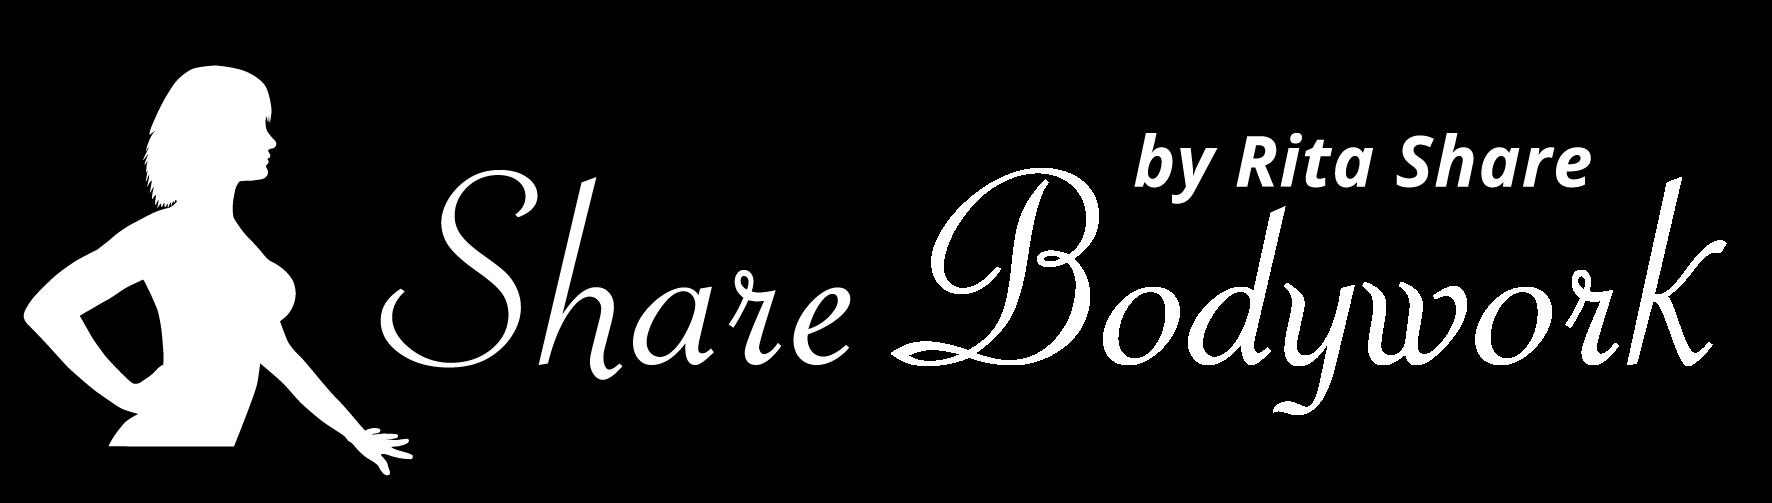 Rita_Share_logo Kopie.png